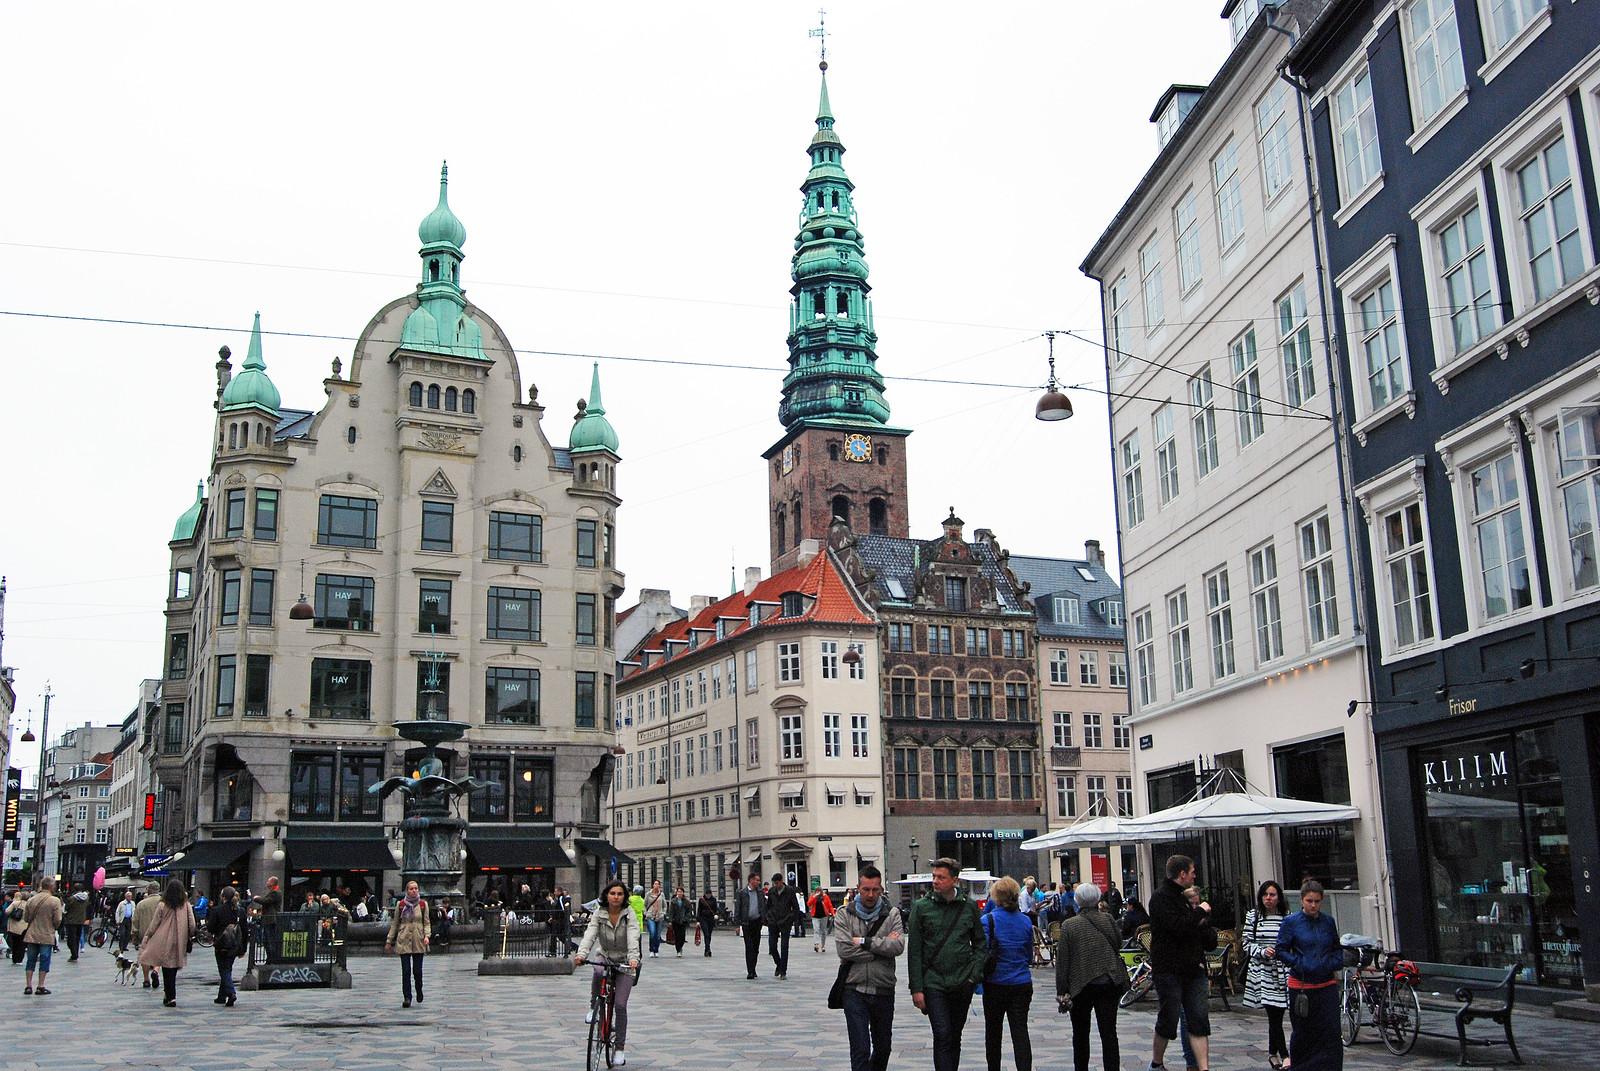 Copenhagen_2013 05 19_0805